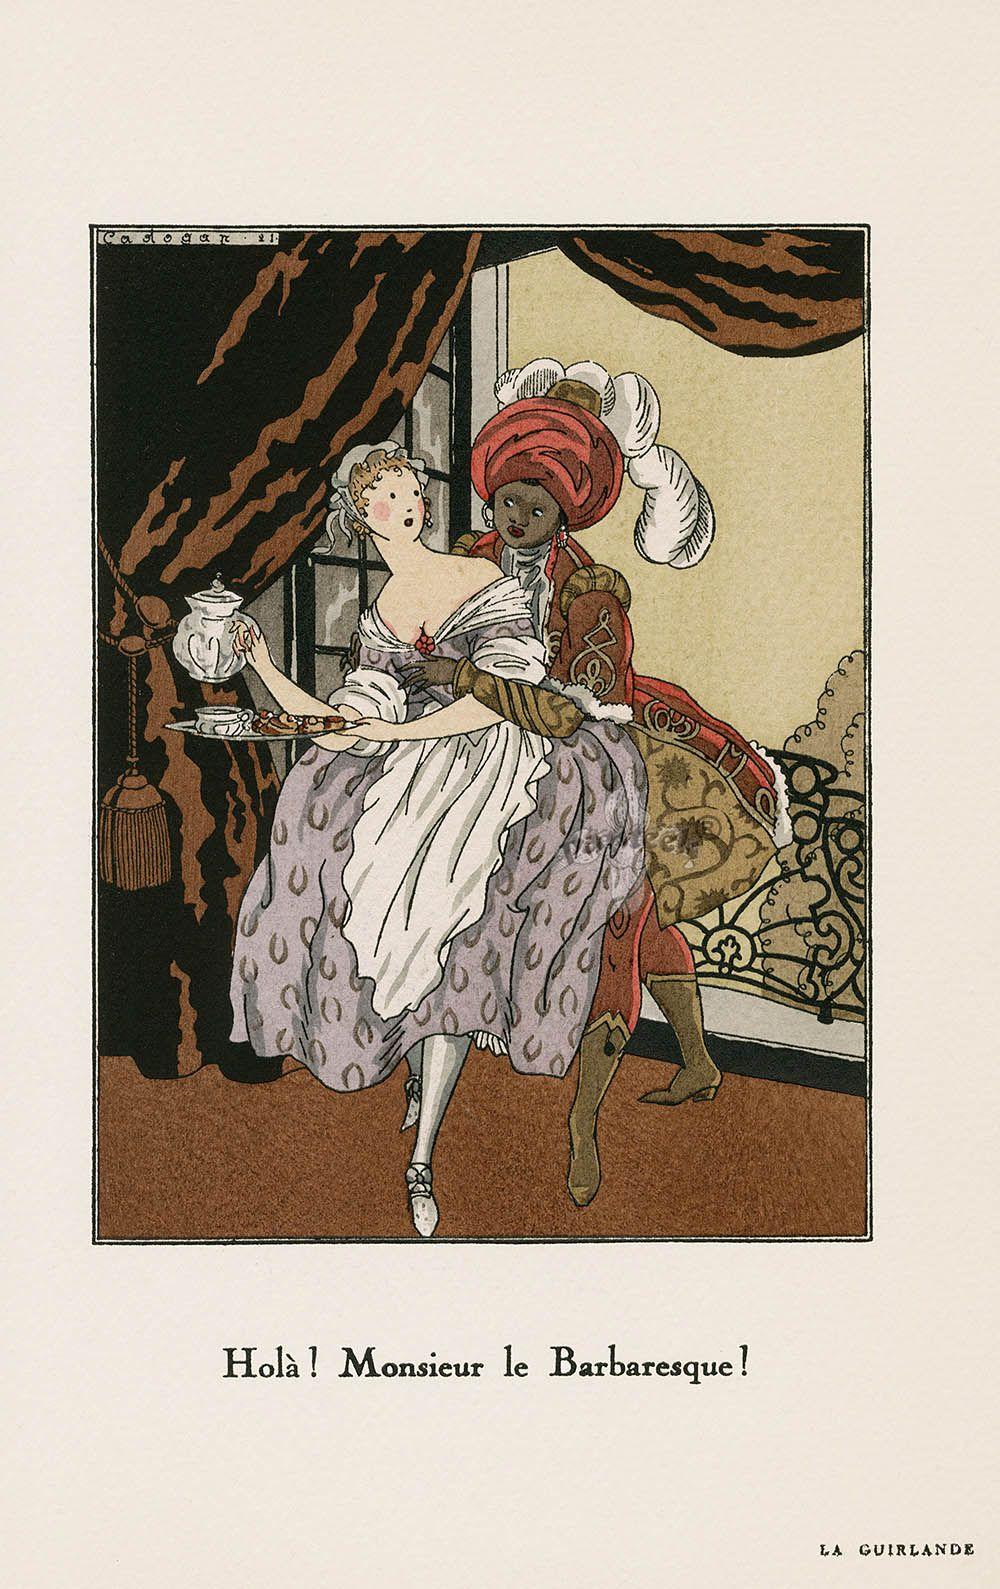 """Antique prints of """"Cadogan Holà! Monsieur le Barbaresque!"""" from La Guirlande. Album mensuel d'Art et de Littérature Original Pochoir Prints 1919"""